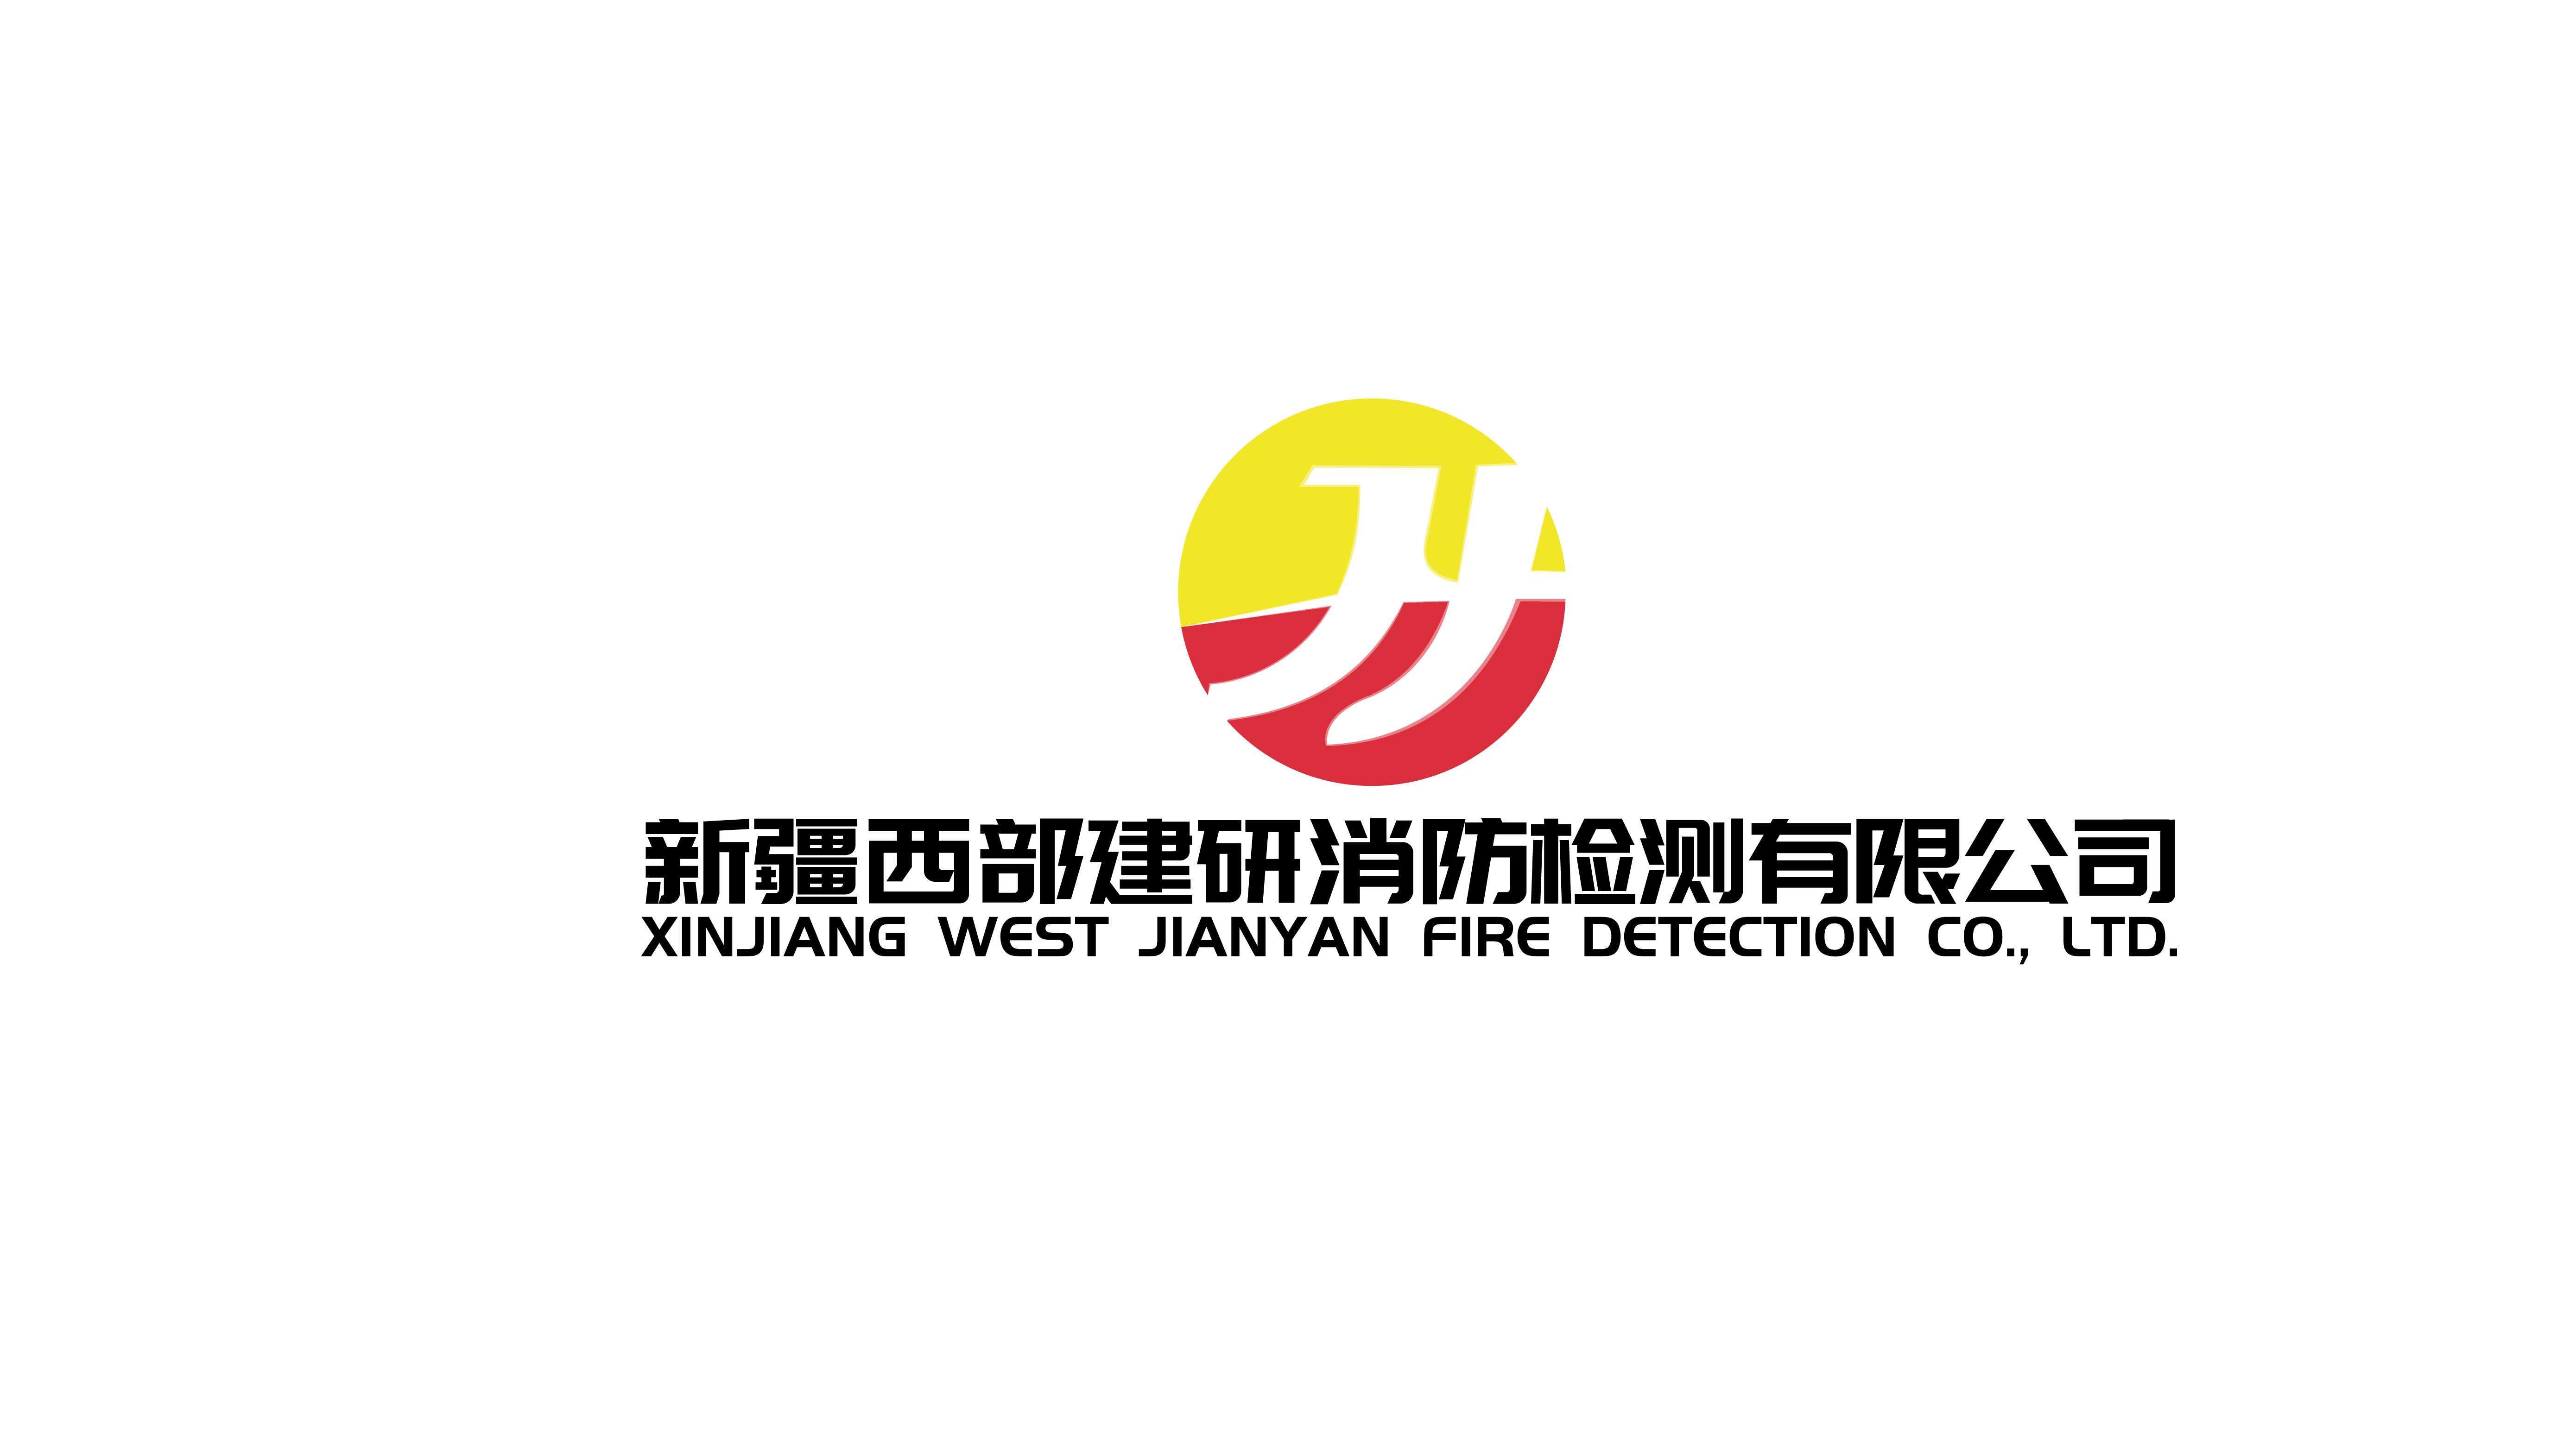 新疆西部建研消防检测有限公司